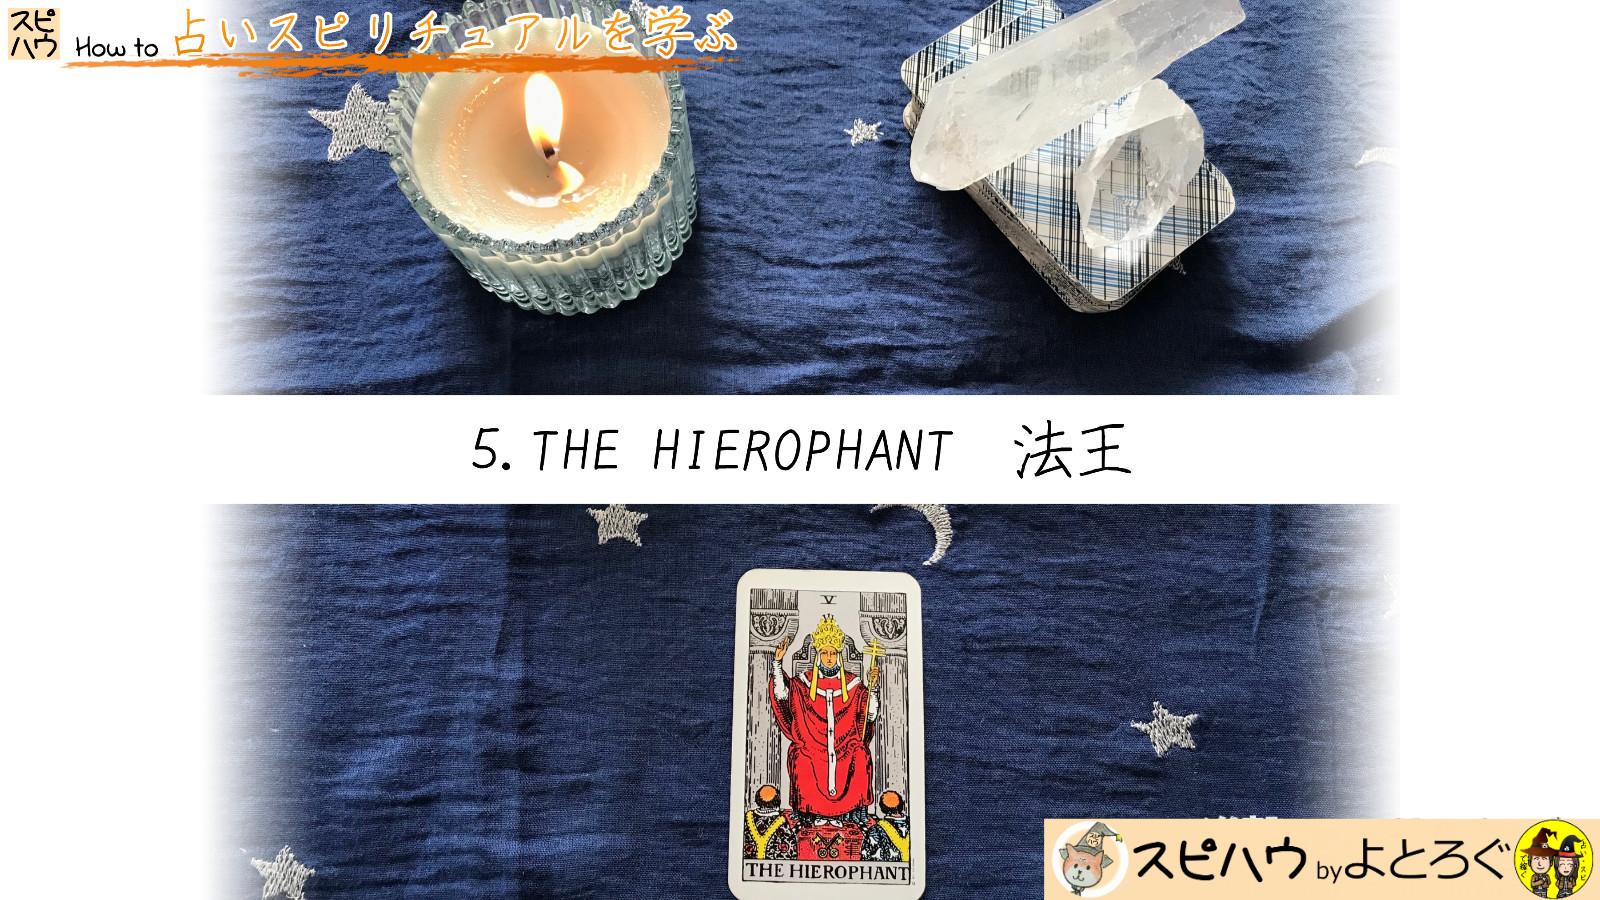 リーダーからメンターへの成長 5.法王 THE HIEROPHANT のカード画像